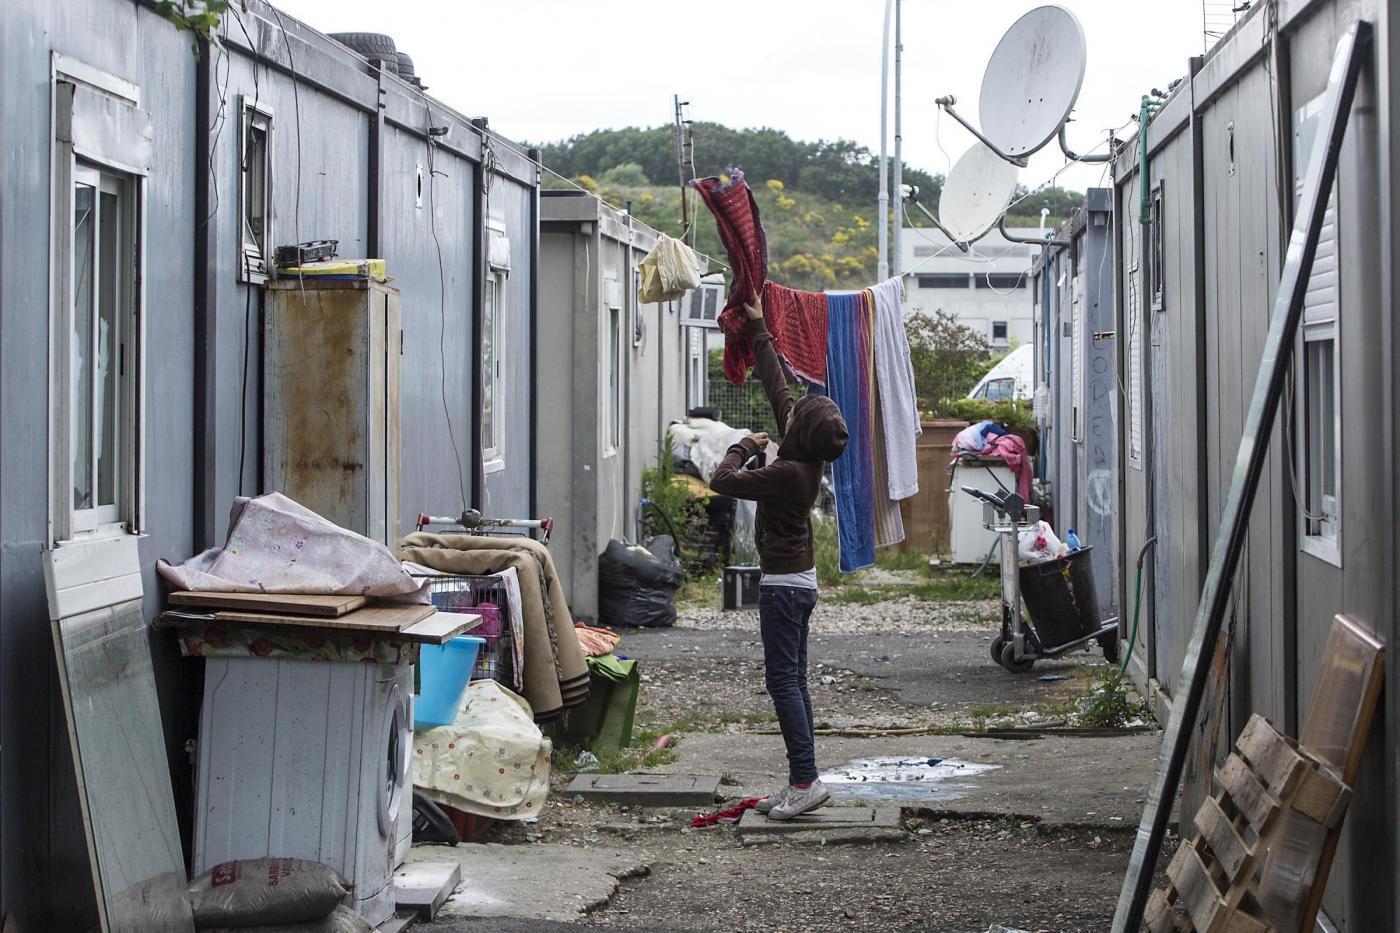 Gianni Alemanno illustra provvedimenti sui rom al campo nomadi di via Candoni